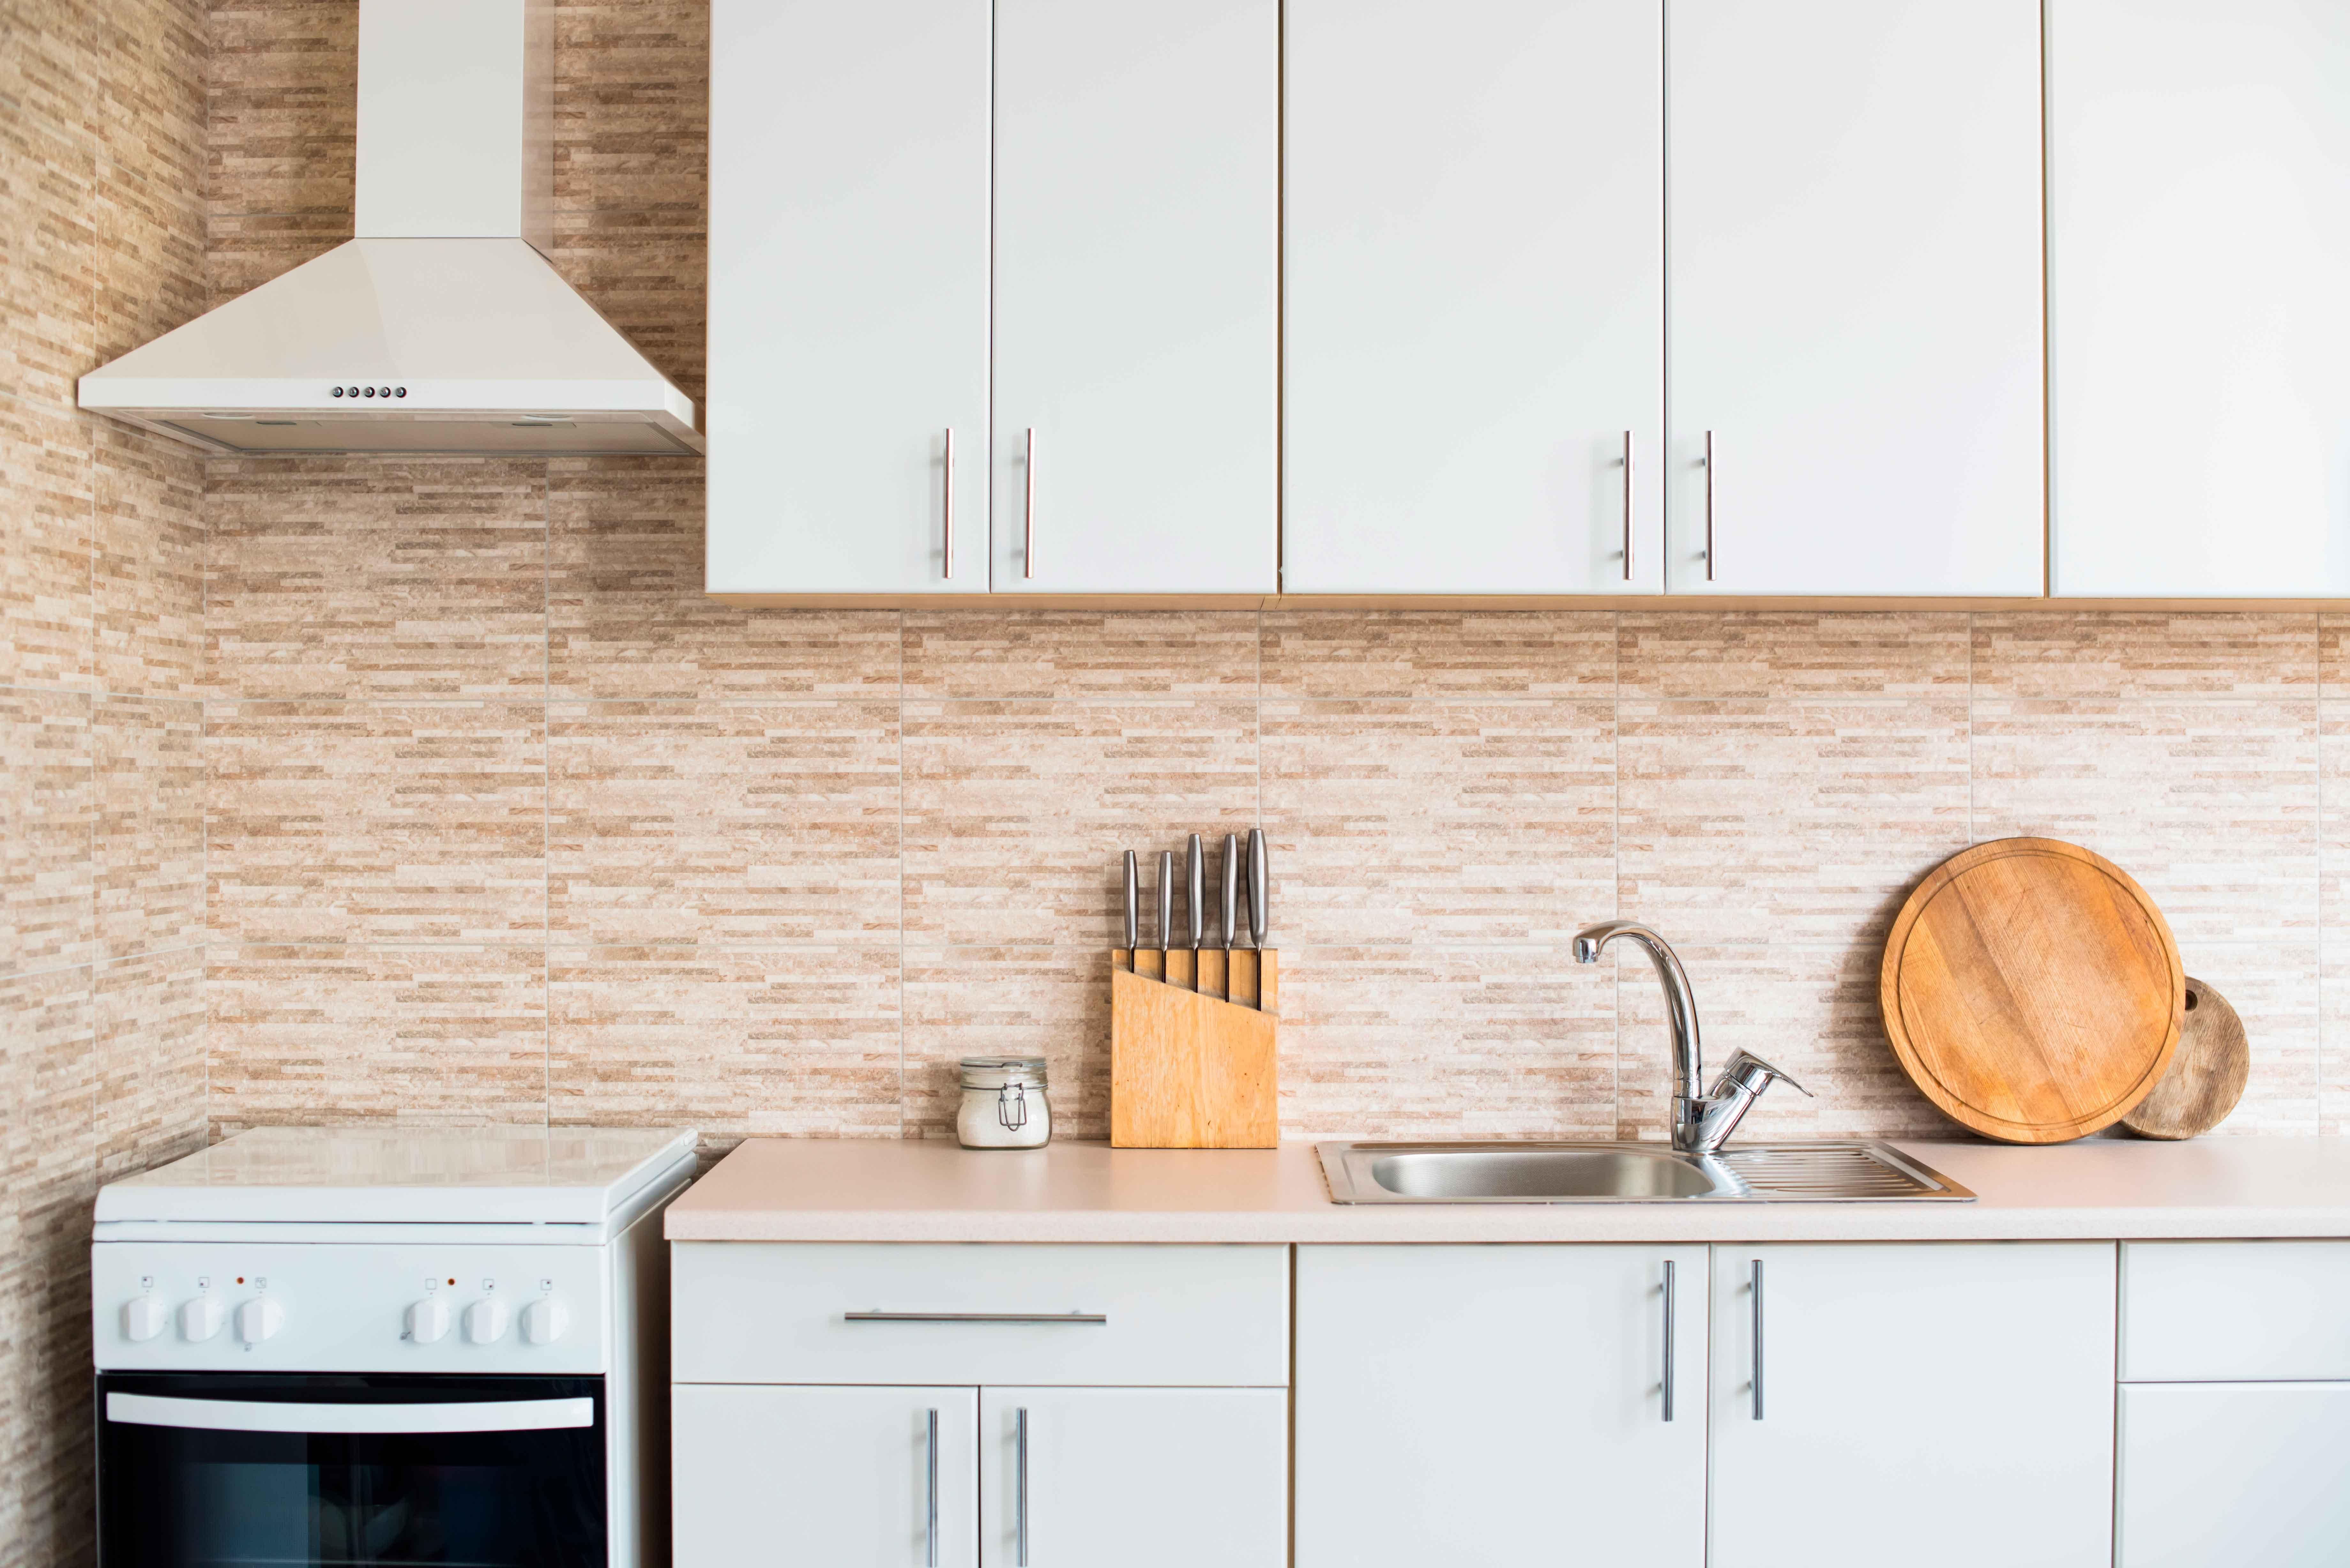 Como reformar una cocina vieja beautiful reformar cocina - Reformar una cocina ...